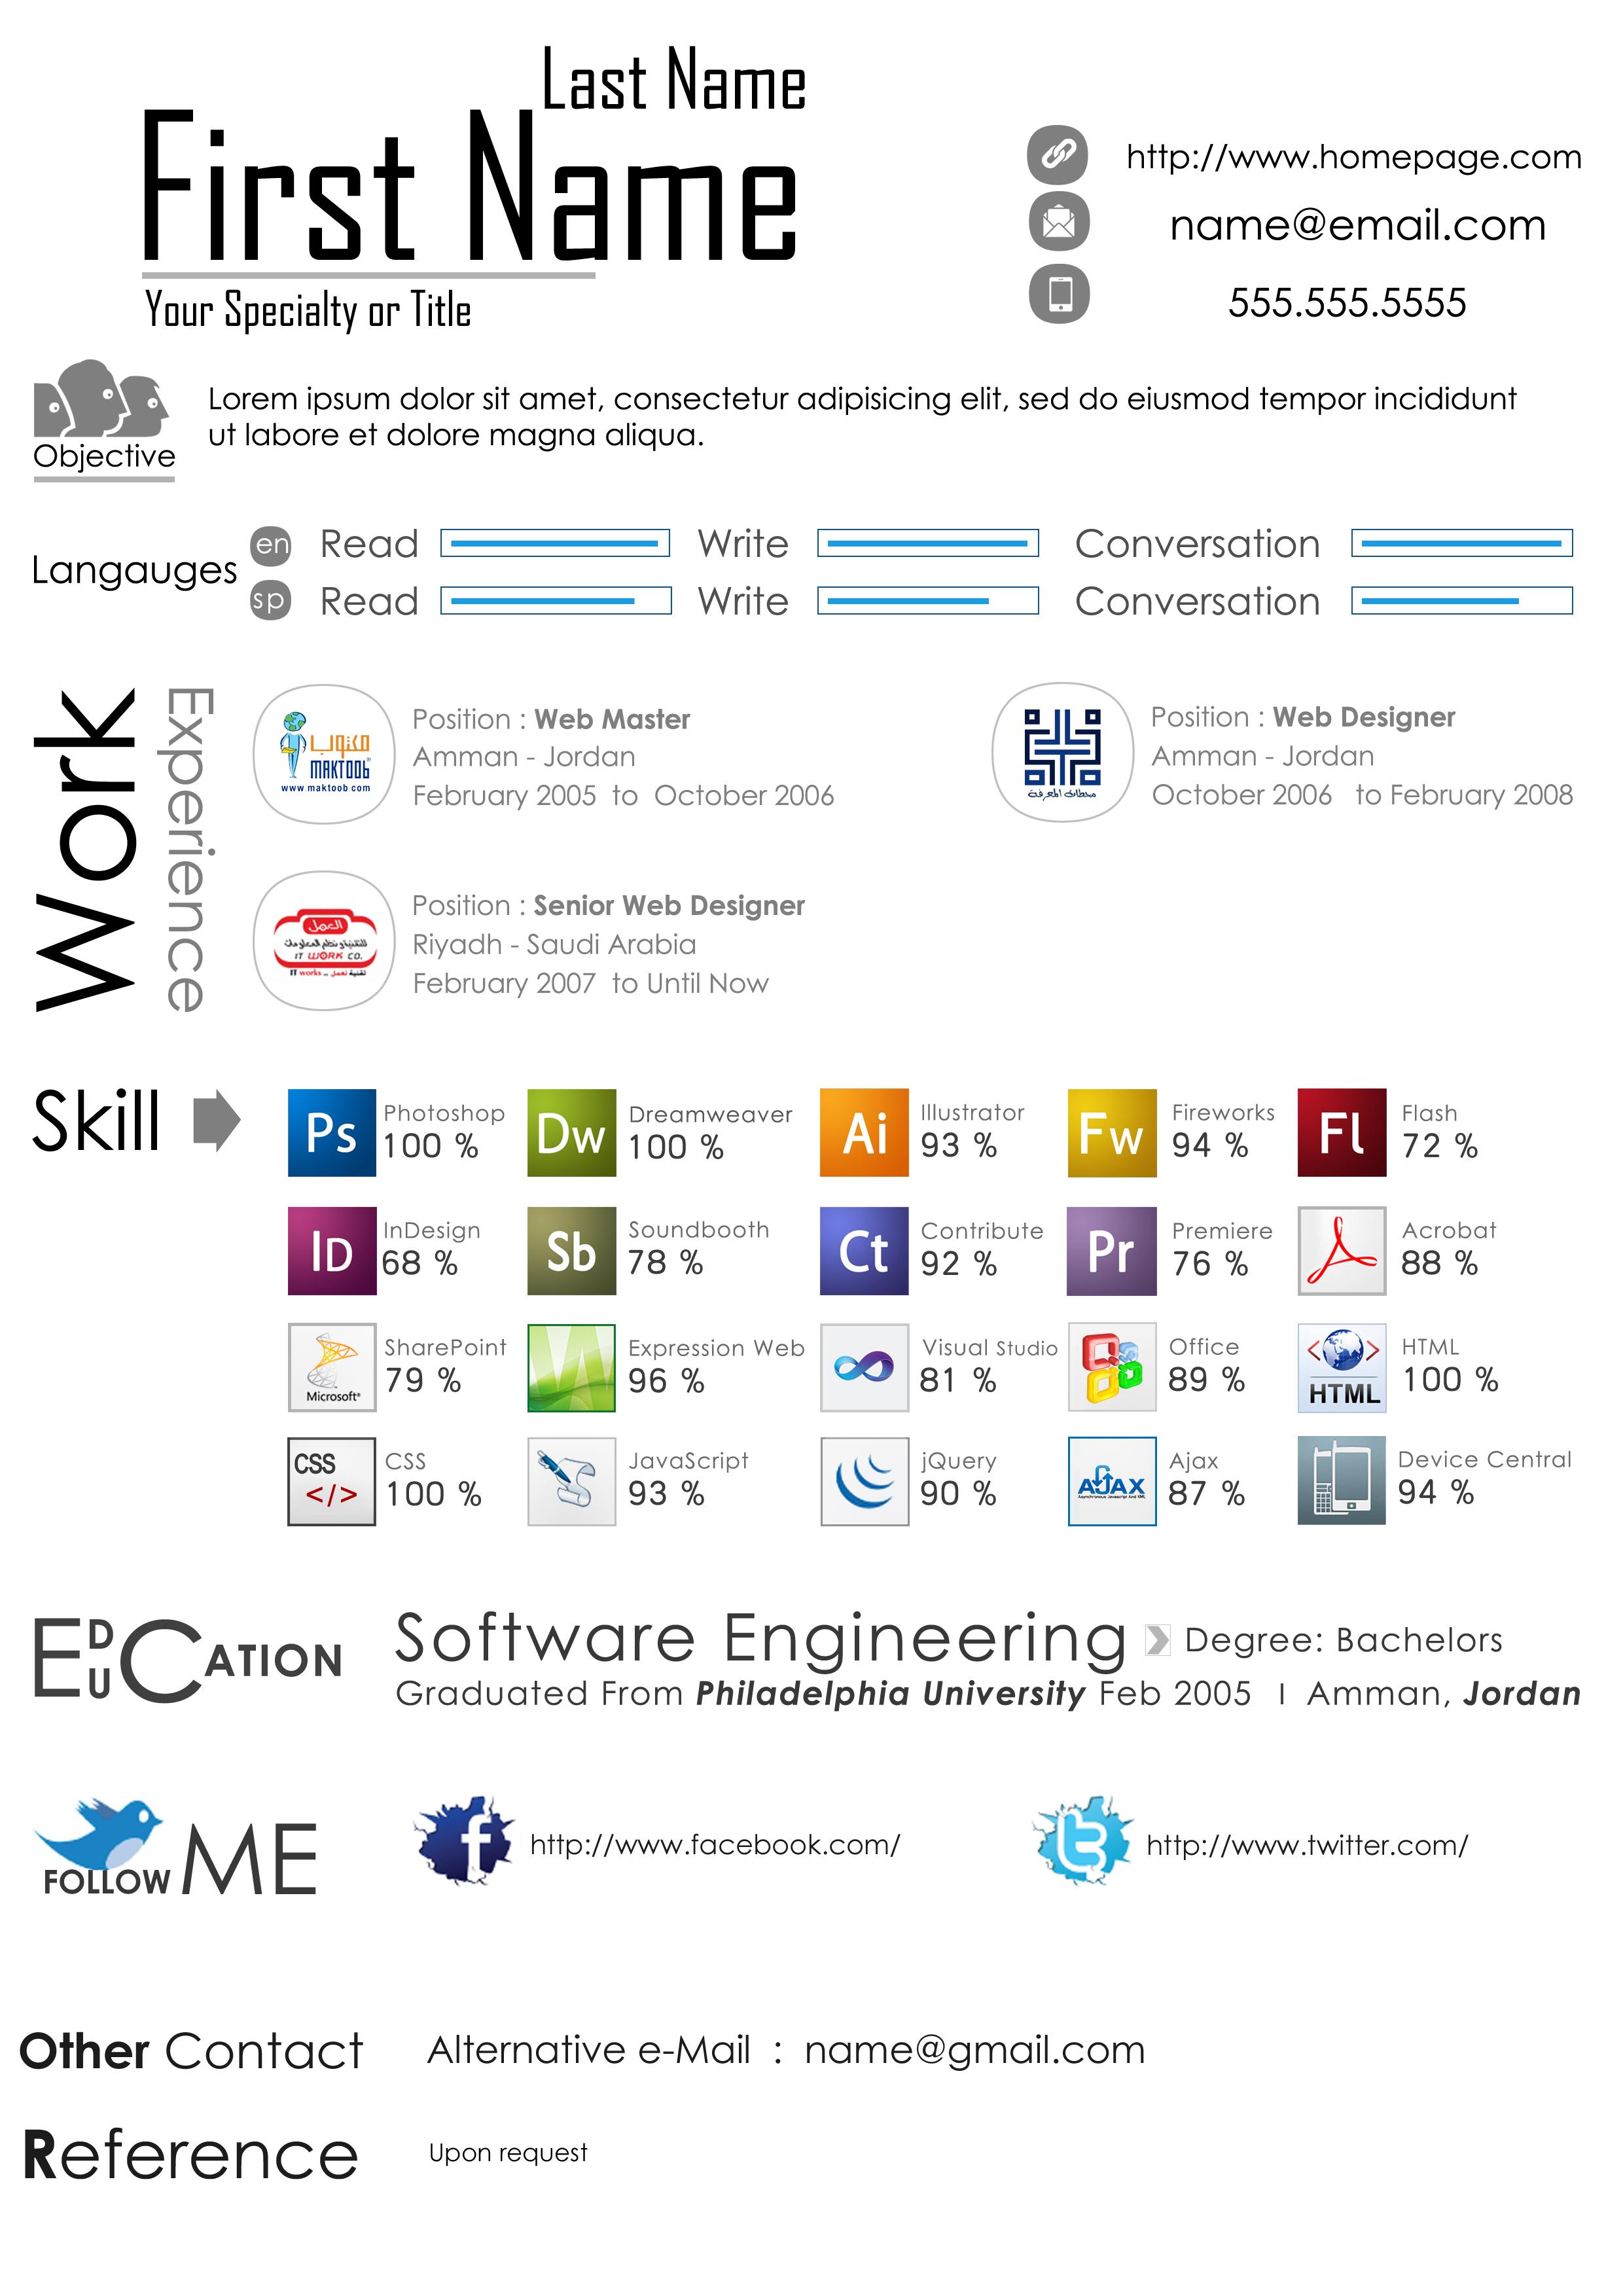 web designer resume psd template â open resume templates